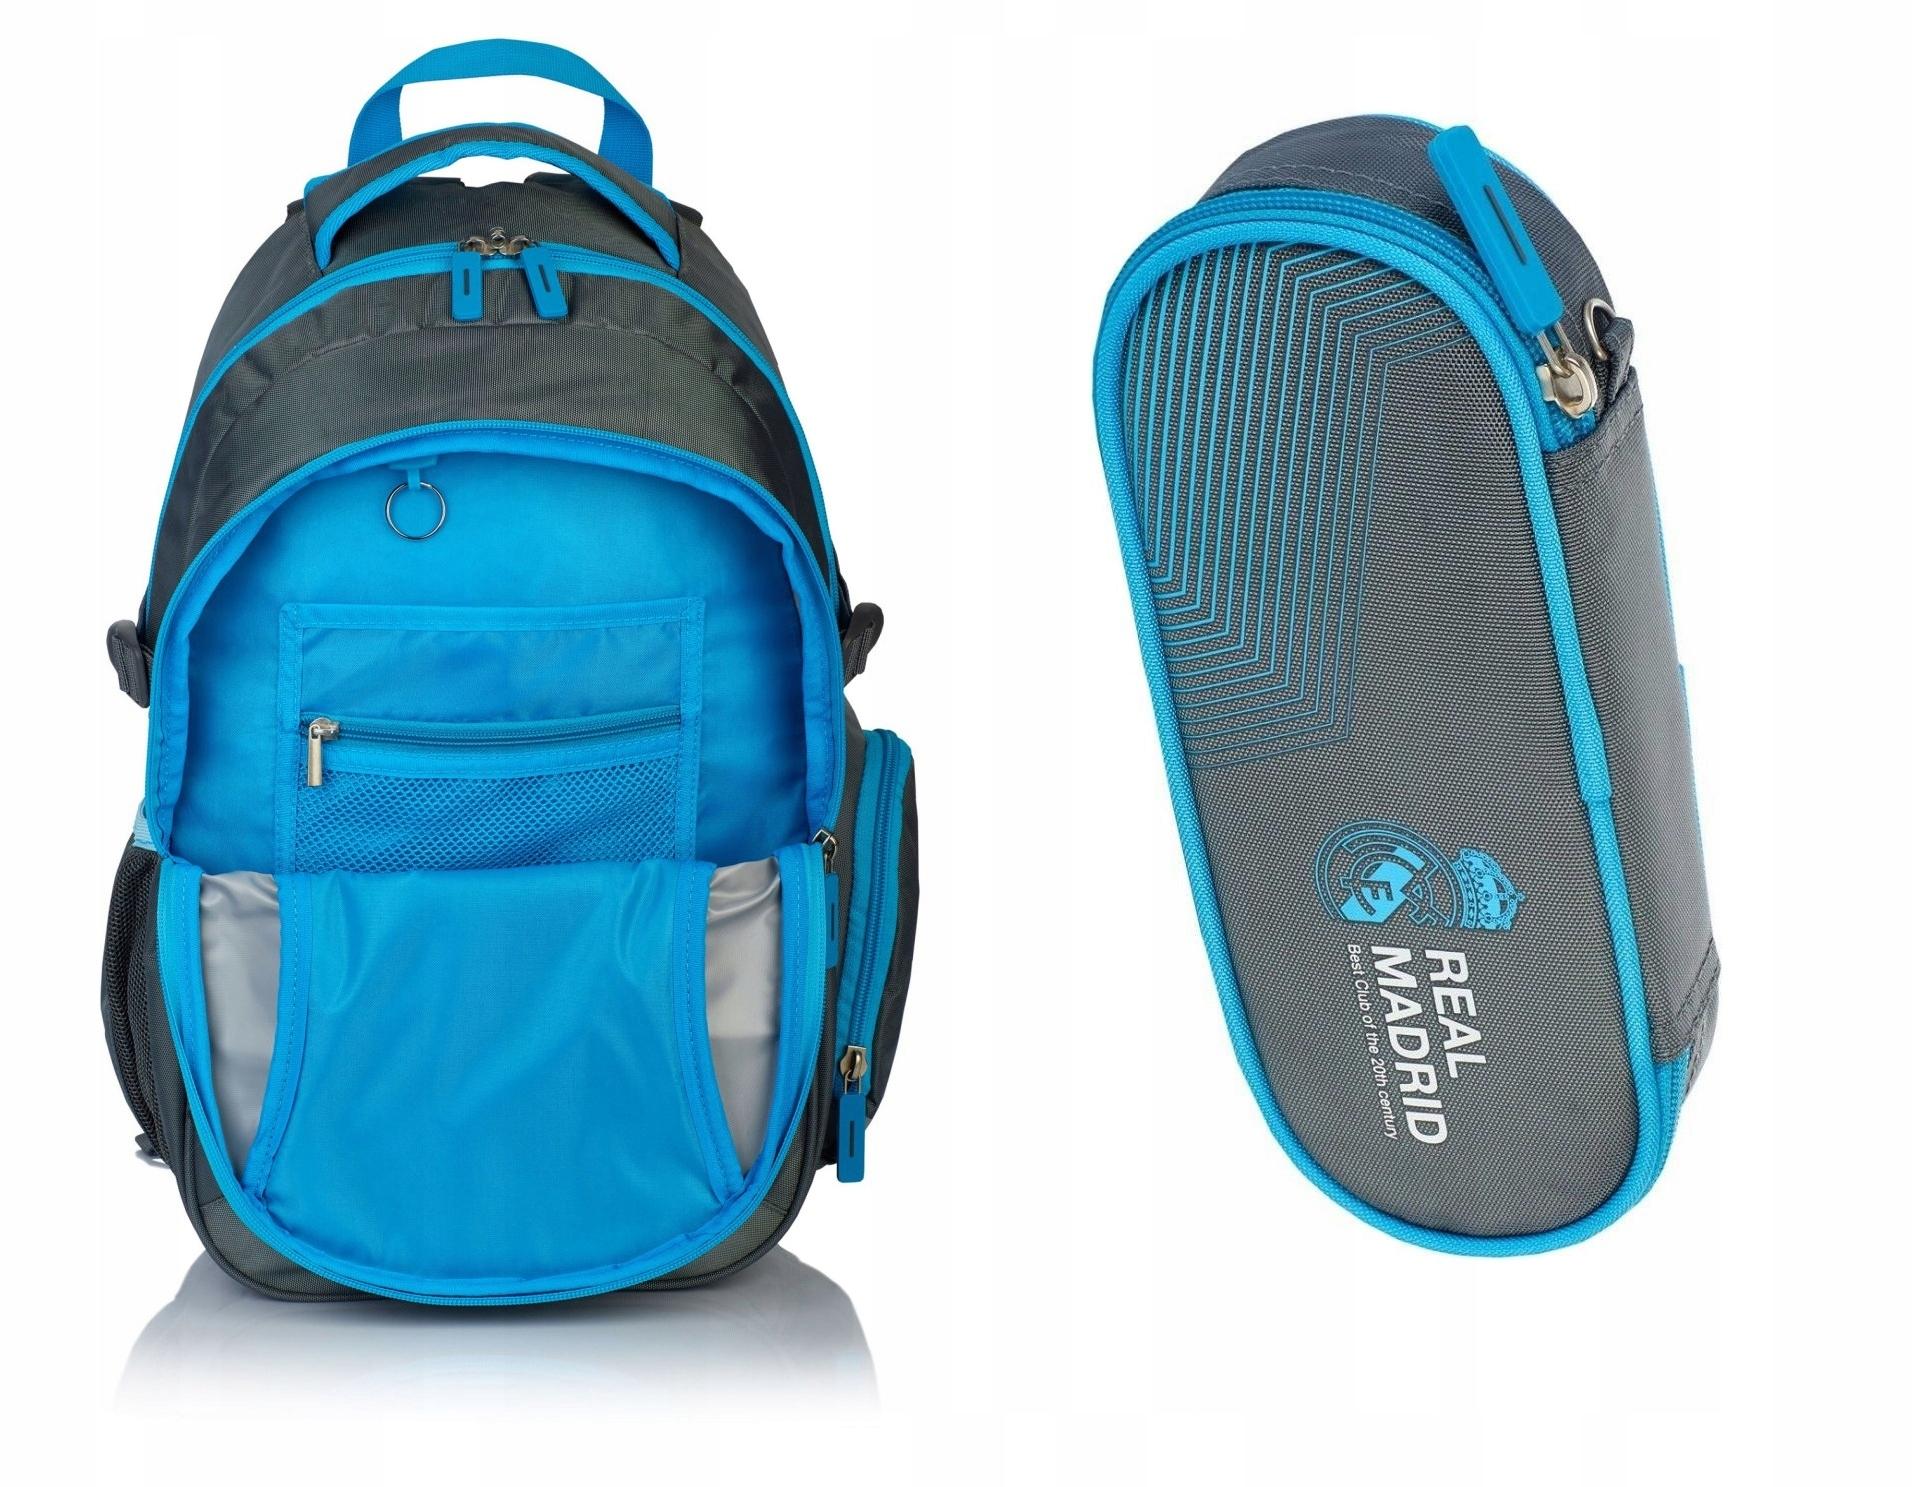 2533e5632cd6 Plecak szkolny piórnik Real Madryt RM-148 zestaw - 7500866402 ...